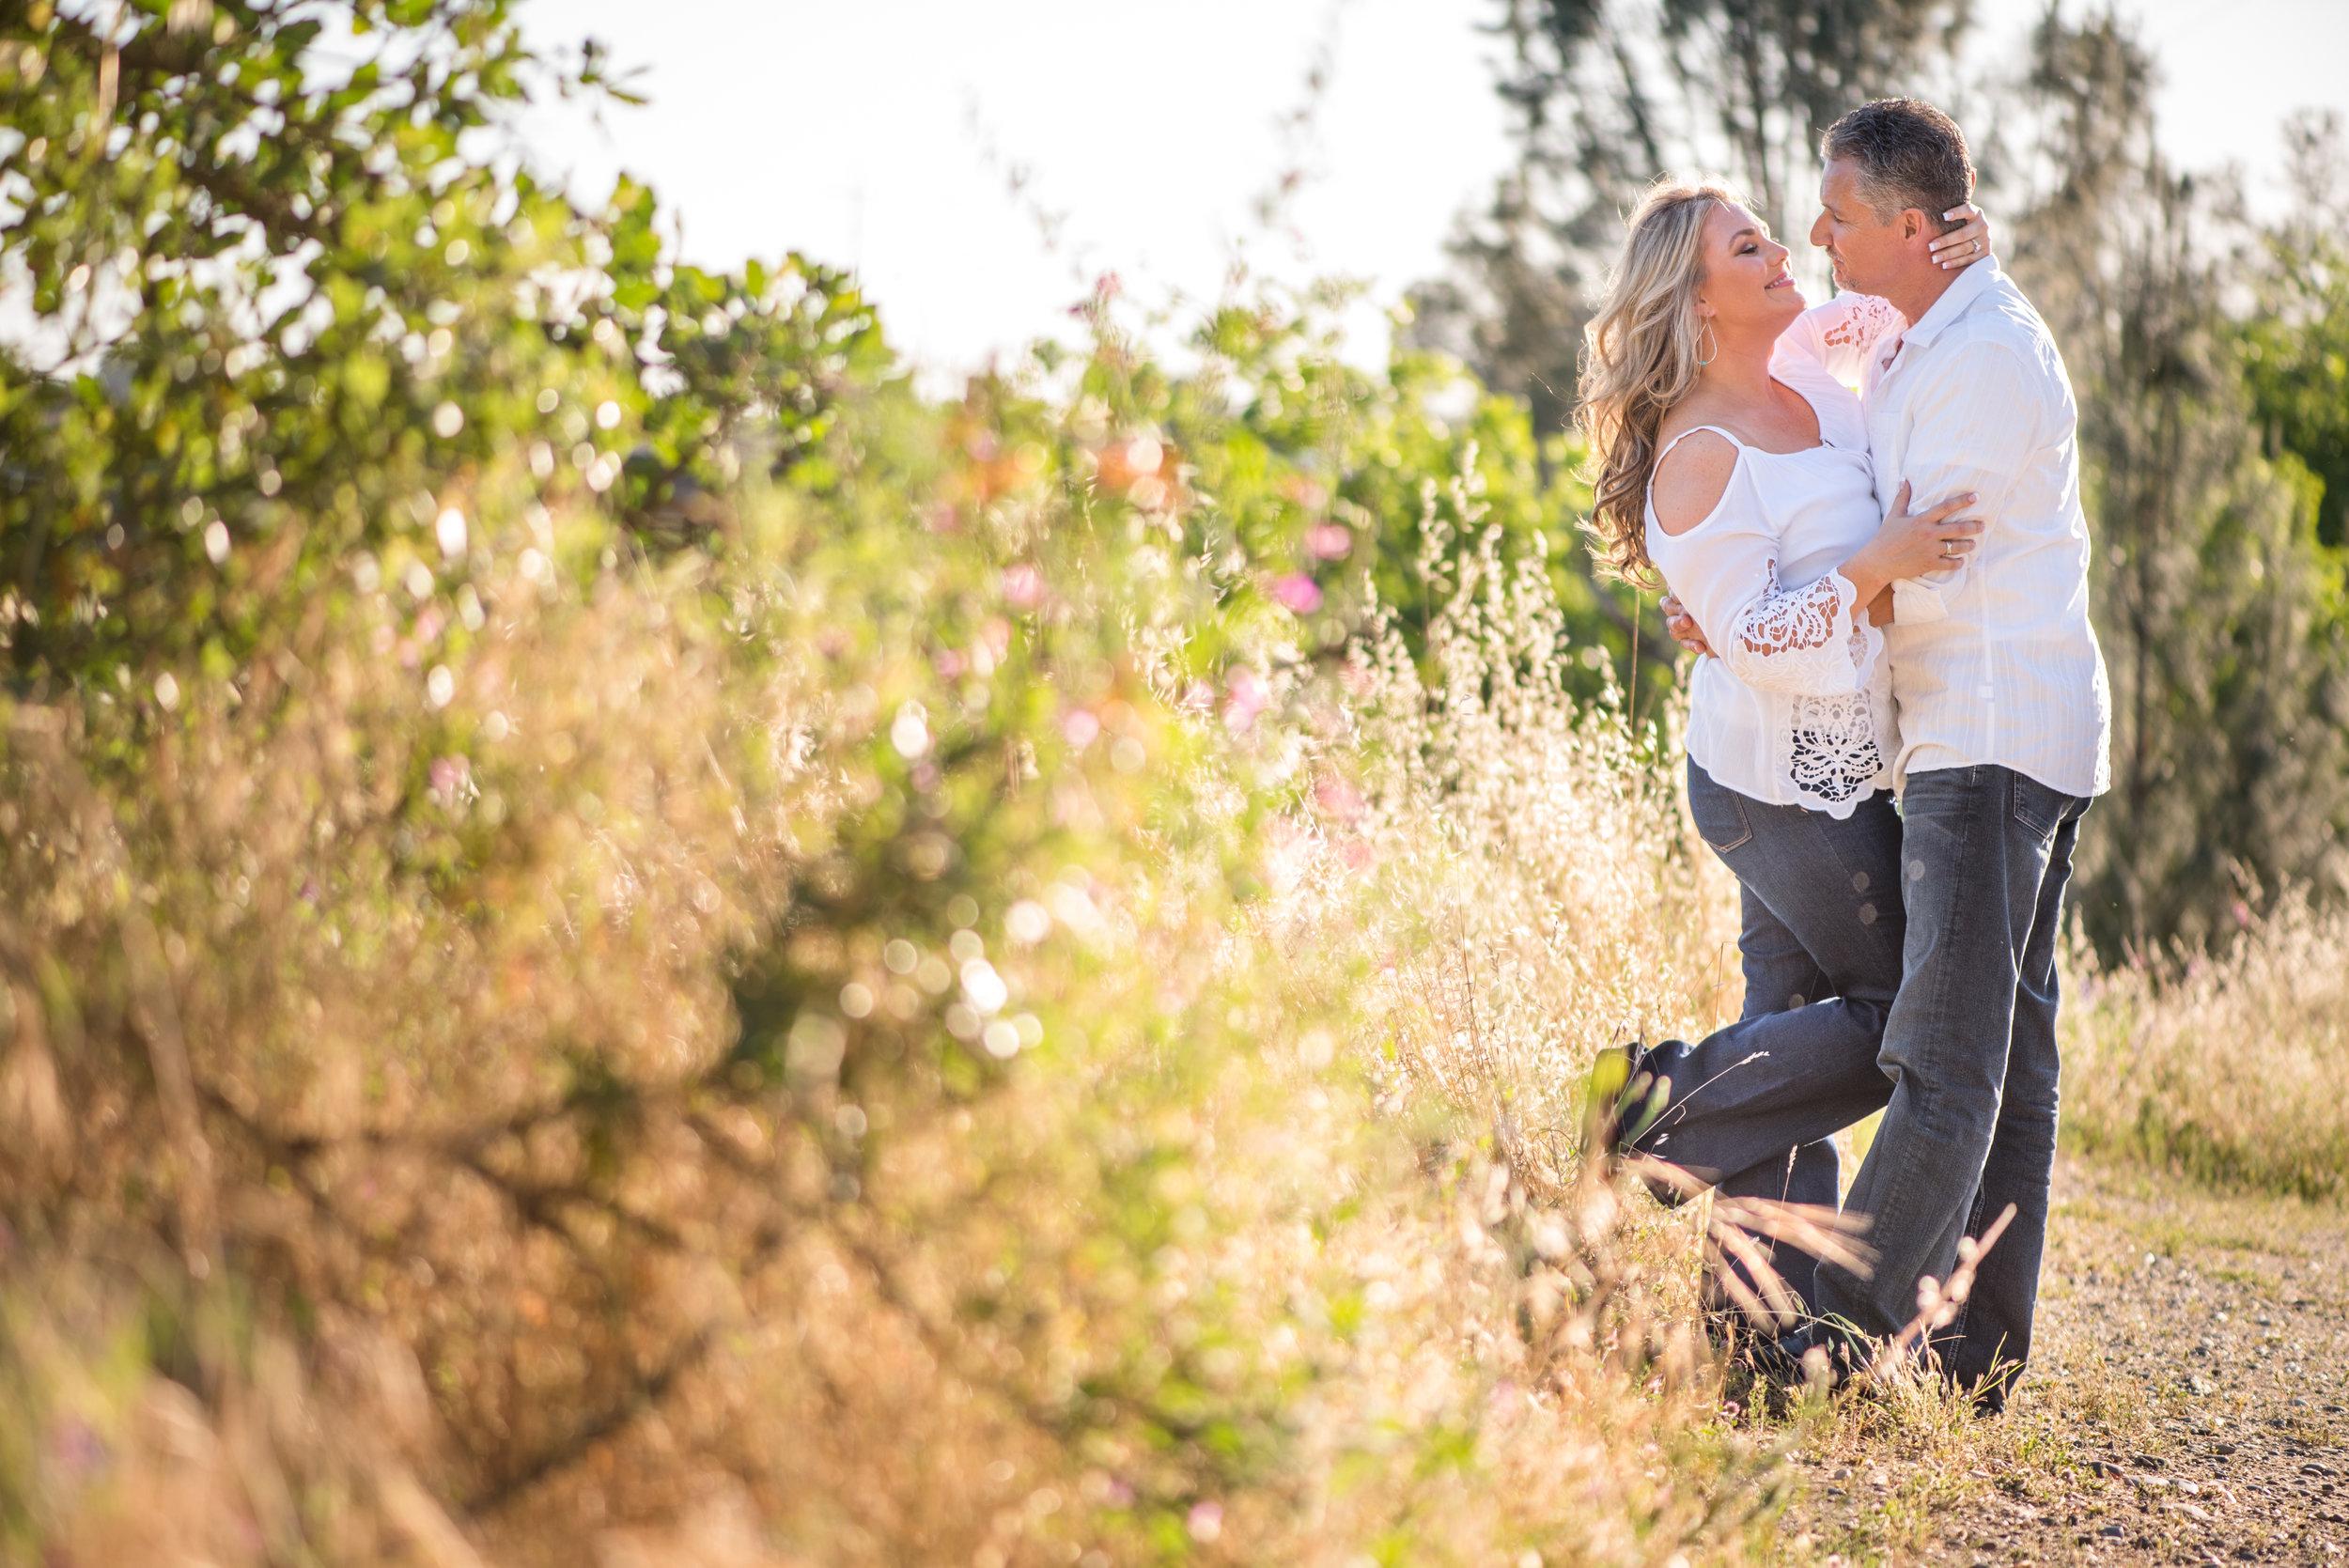 kara-craig-032-folsom-engagement-wedding-photographer-katherine-nicole-photography.JPG